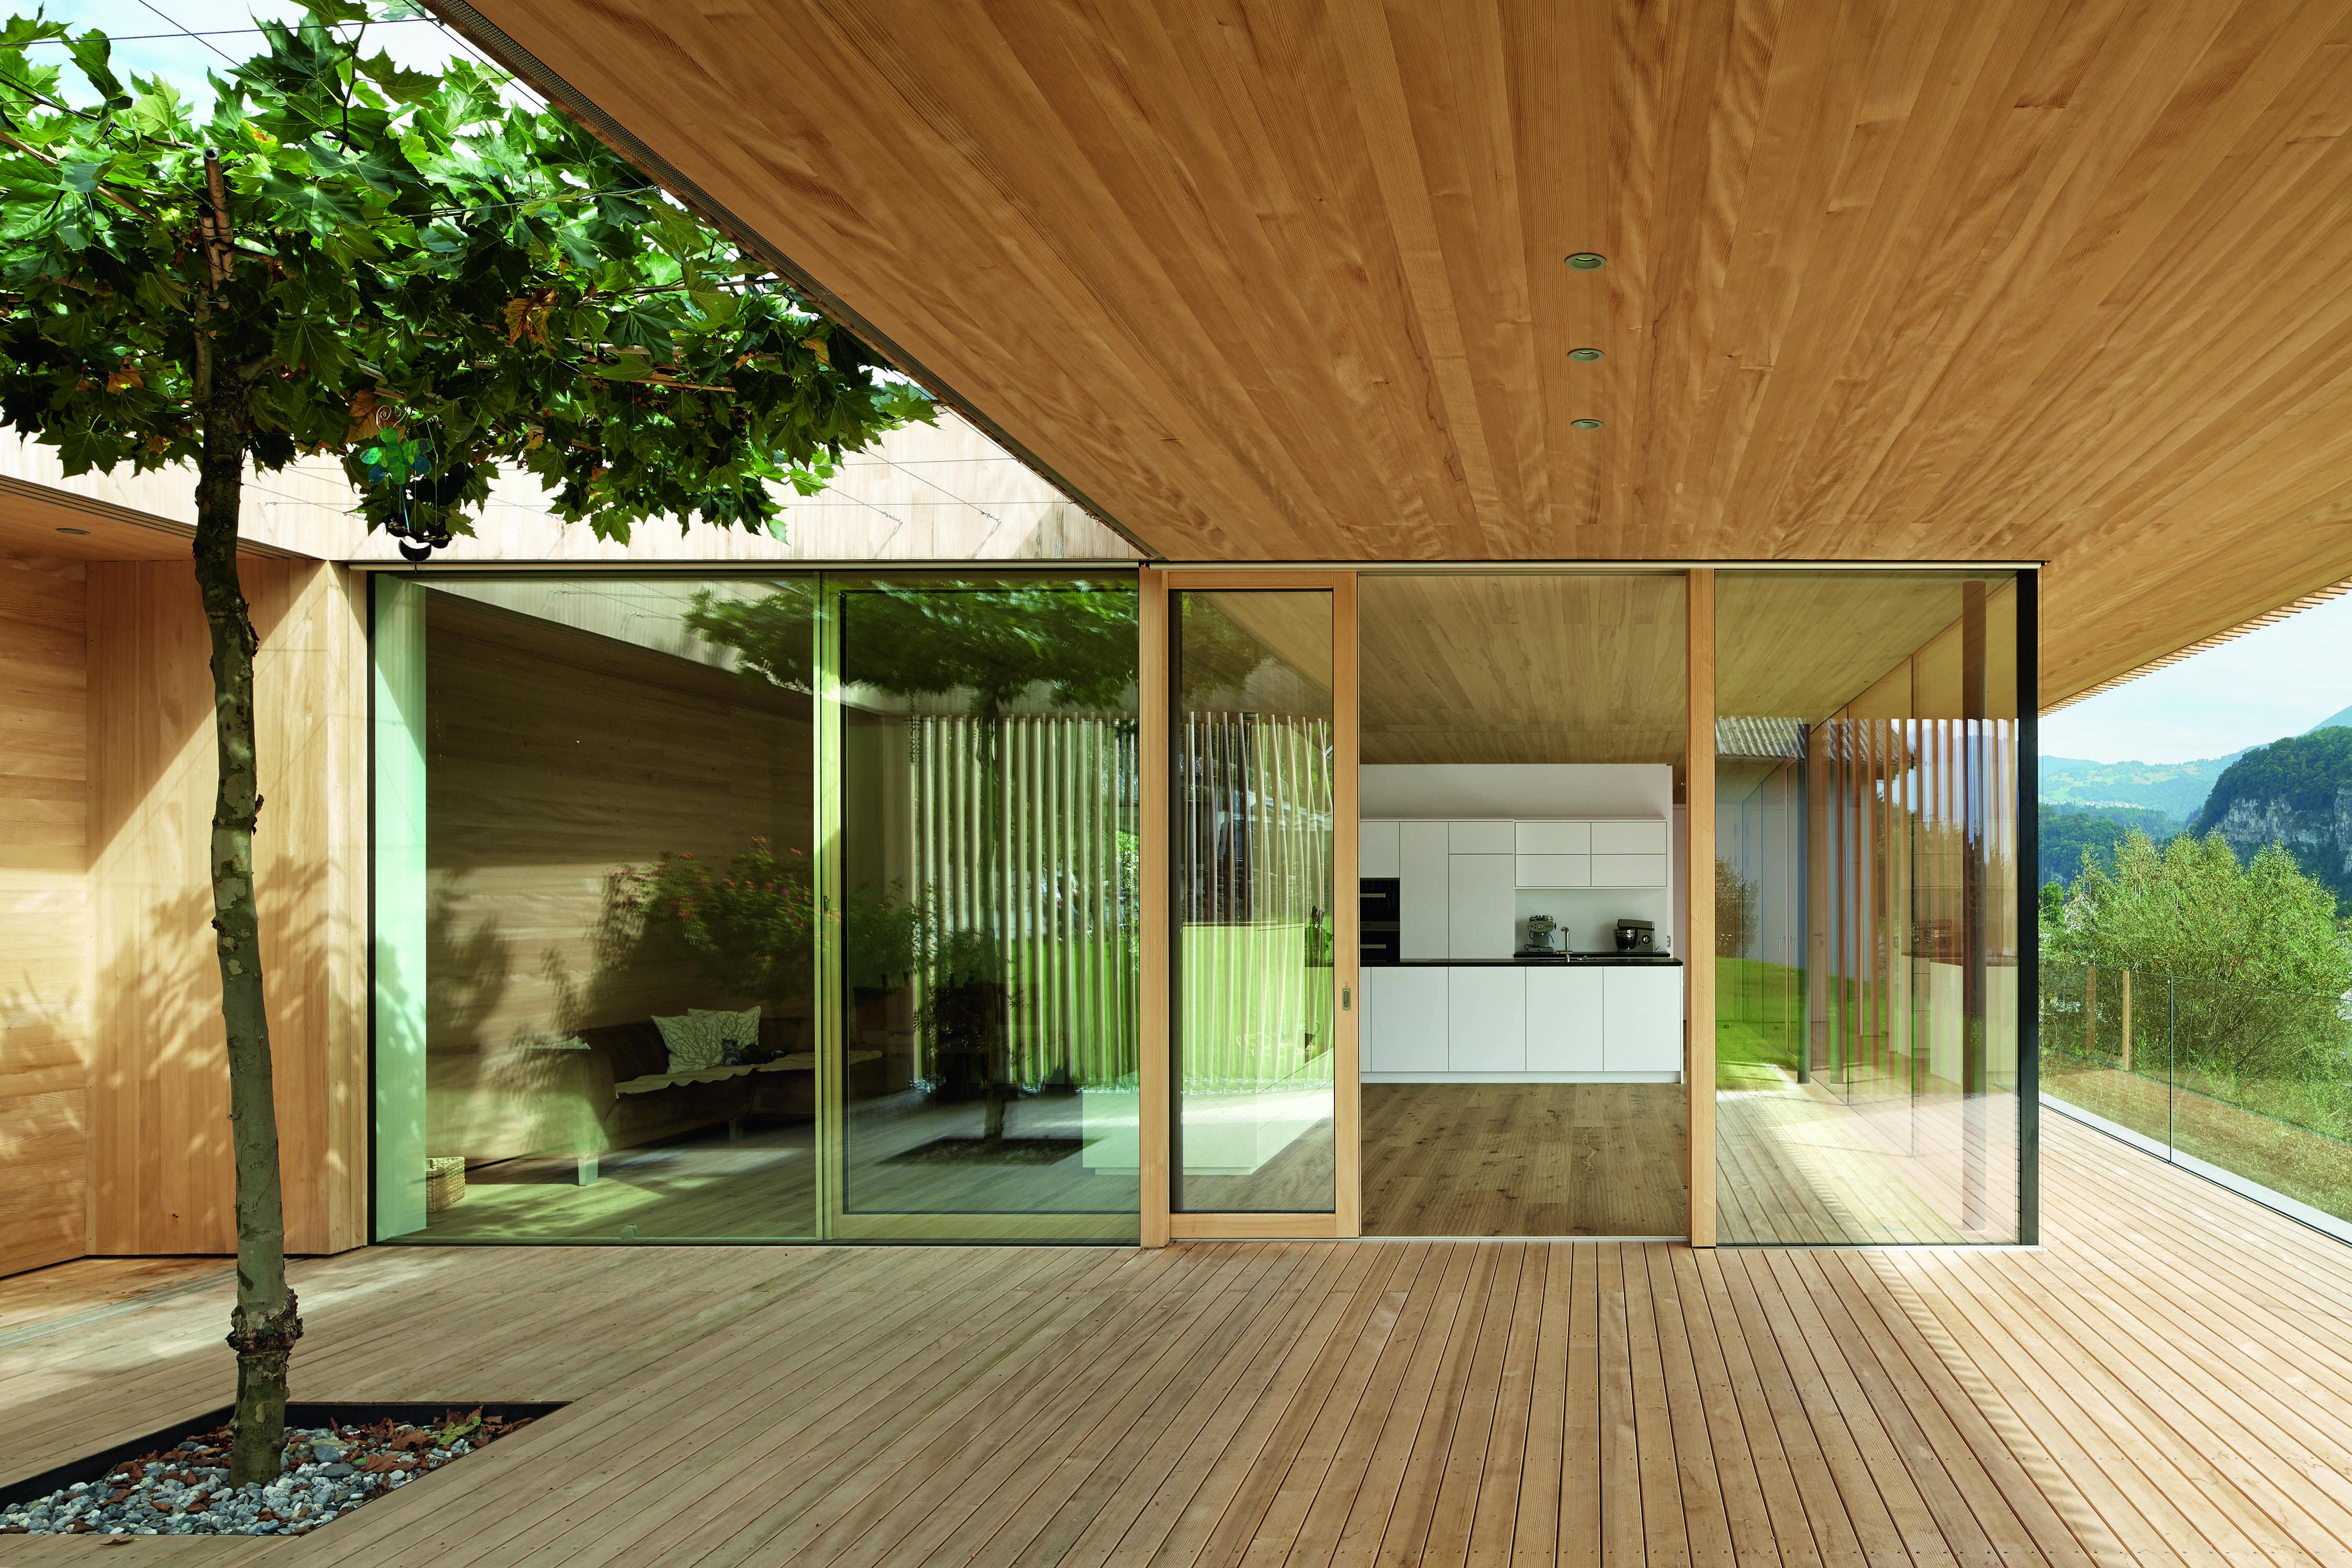 die 50 besten einfamilienhuser aus dem wettbewerb huser des jahres 2015 mit atmosphrischen - Moderne Hauser 2015